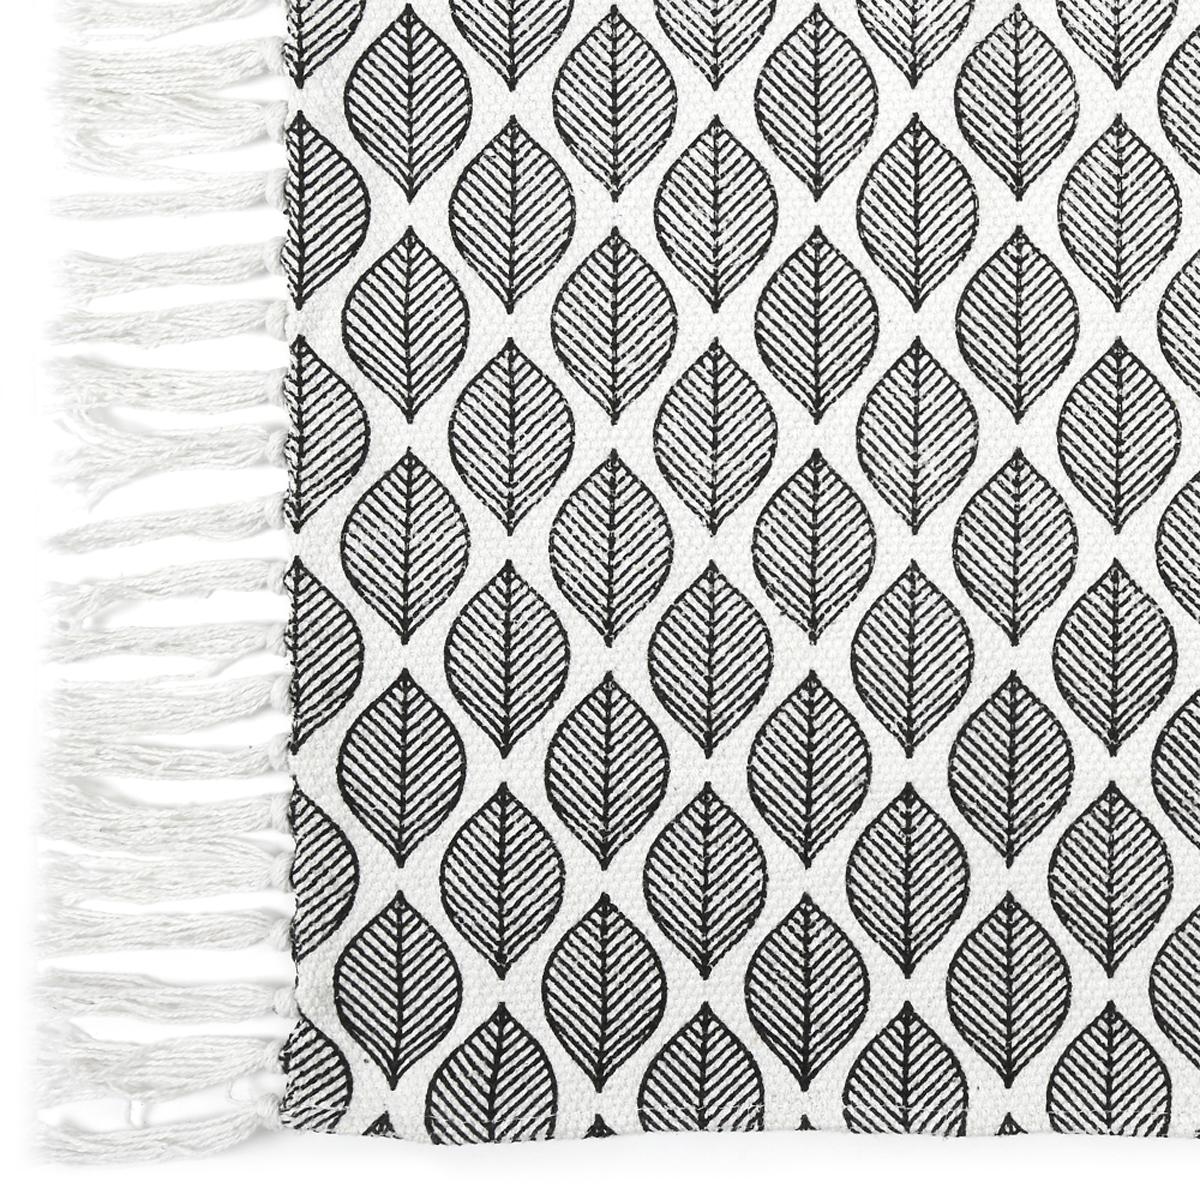 Tapis coton \'Boho\' noir blanc - 80x50 cm - [A2287]